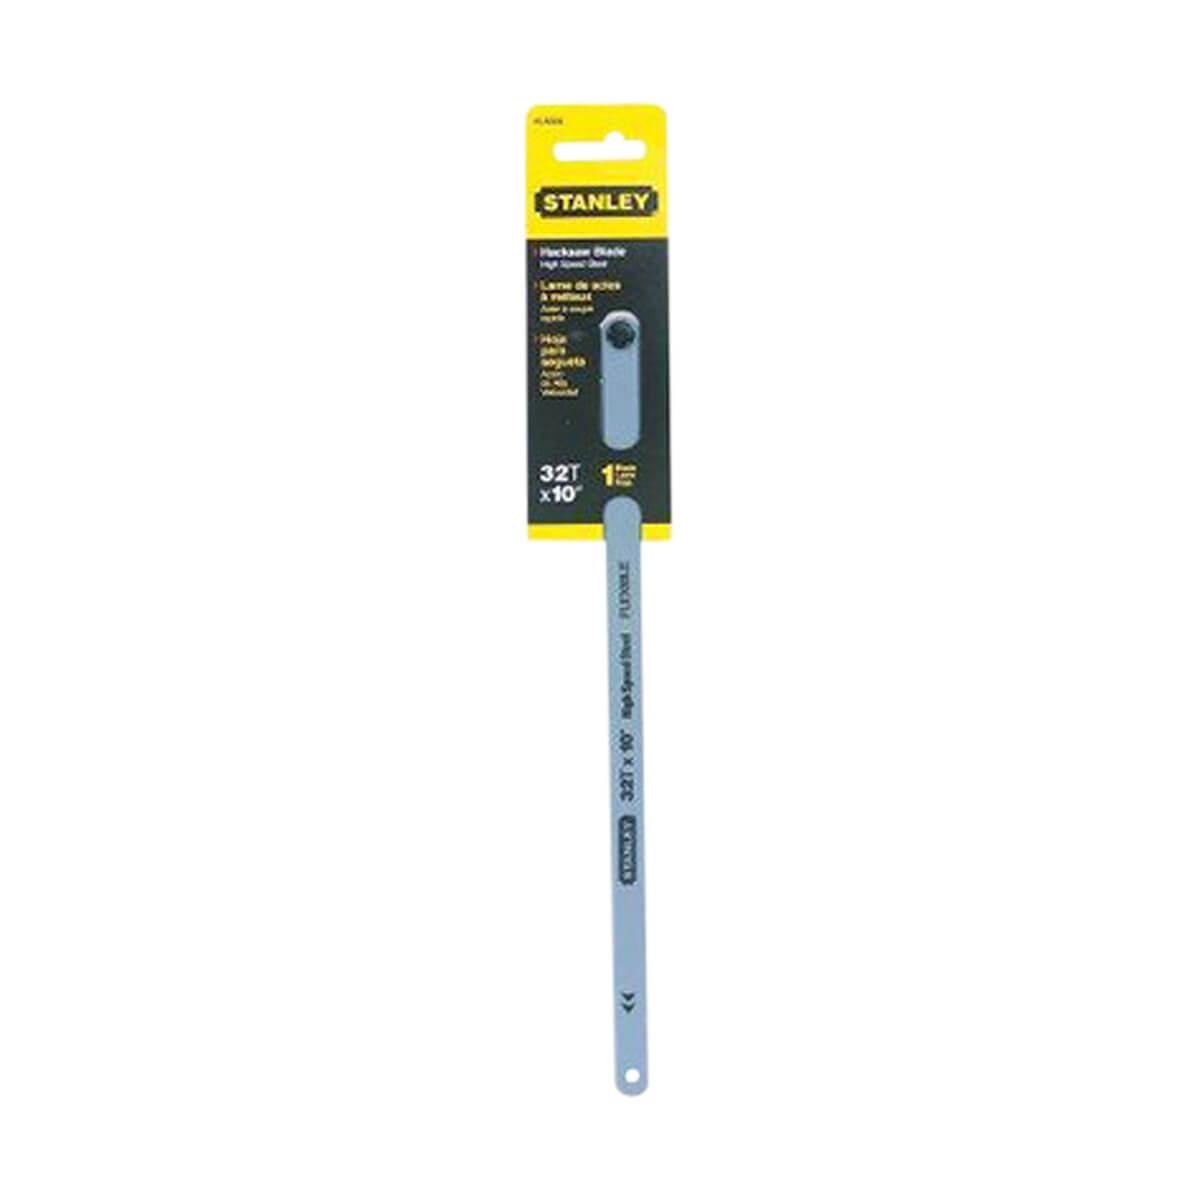 """Stanley High Speed Steel Handsaw Blade - 12"""" x 24 TPI"""